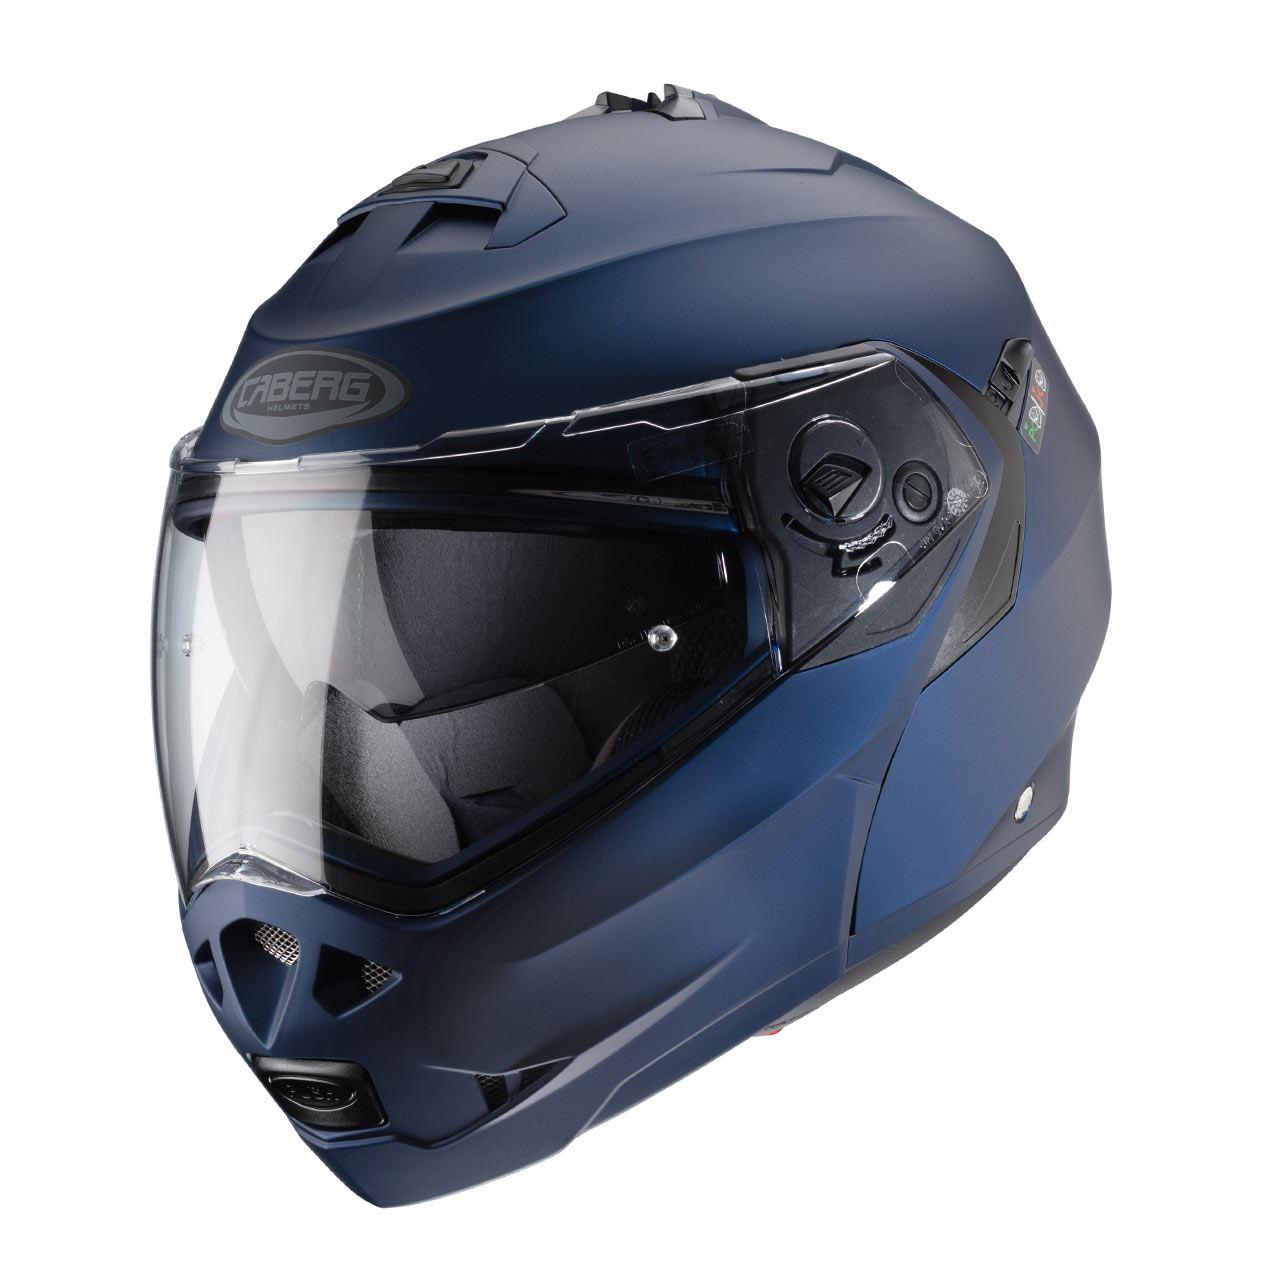 Caberg-Duke-II-Flip-Front-Motorcycle-Helmet-Modular-Bike-Sun-Visor-amp-Pinlock thumbnail 20